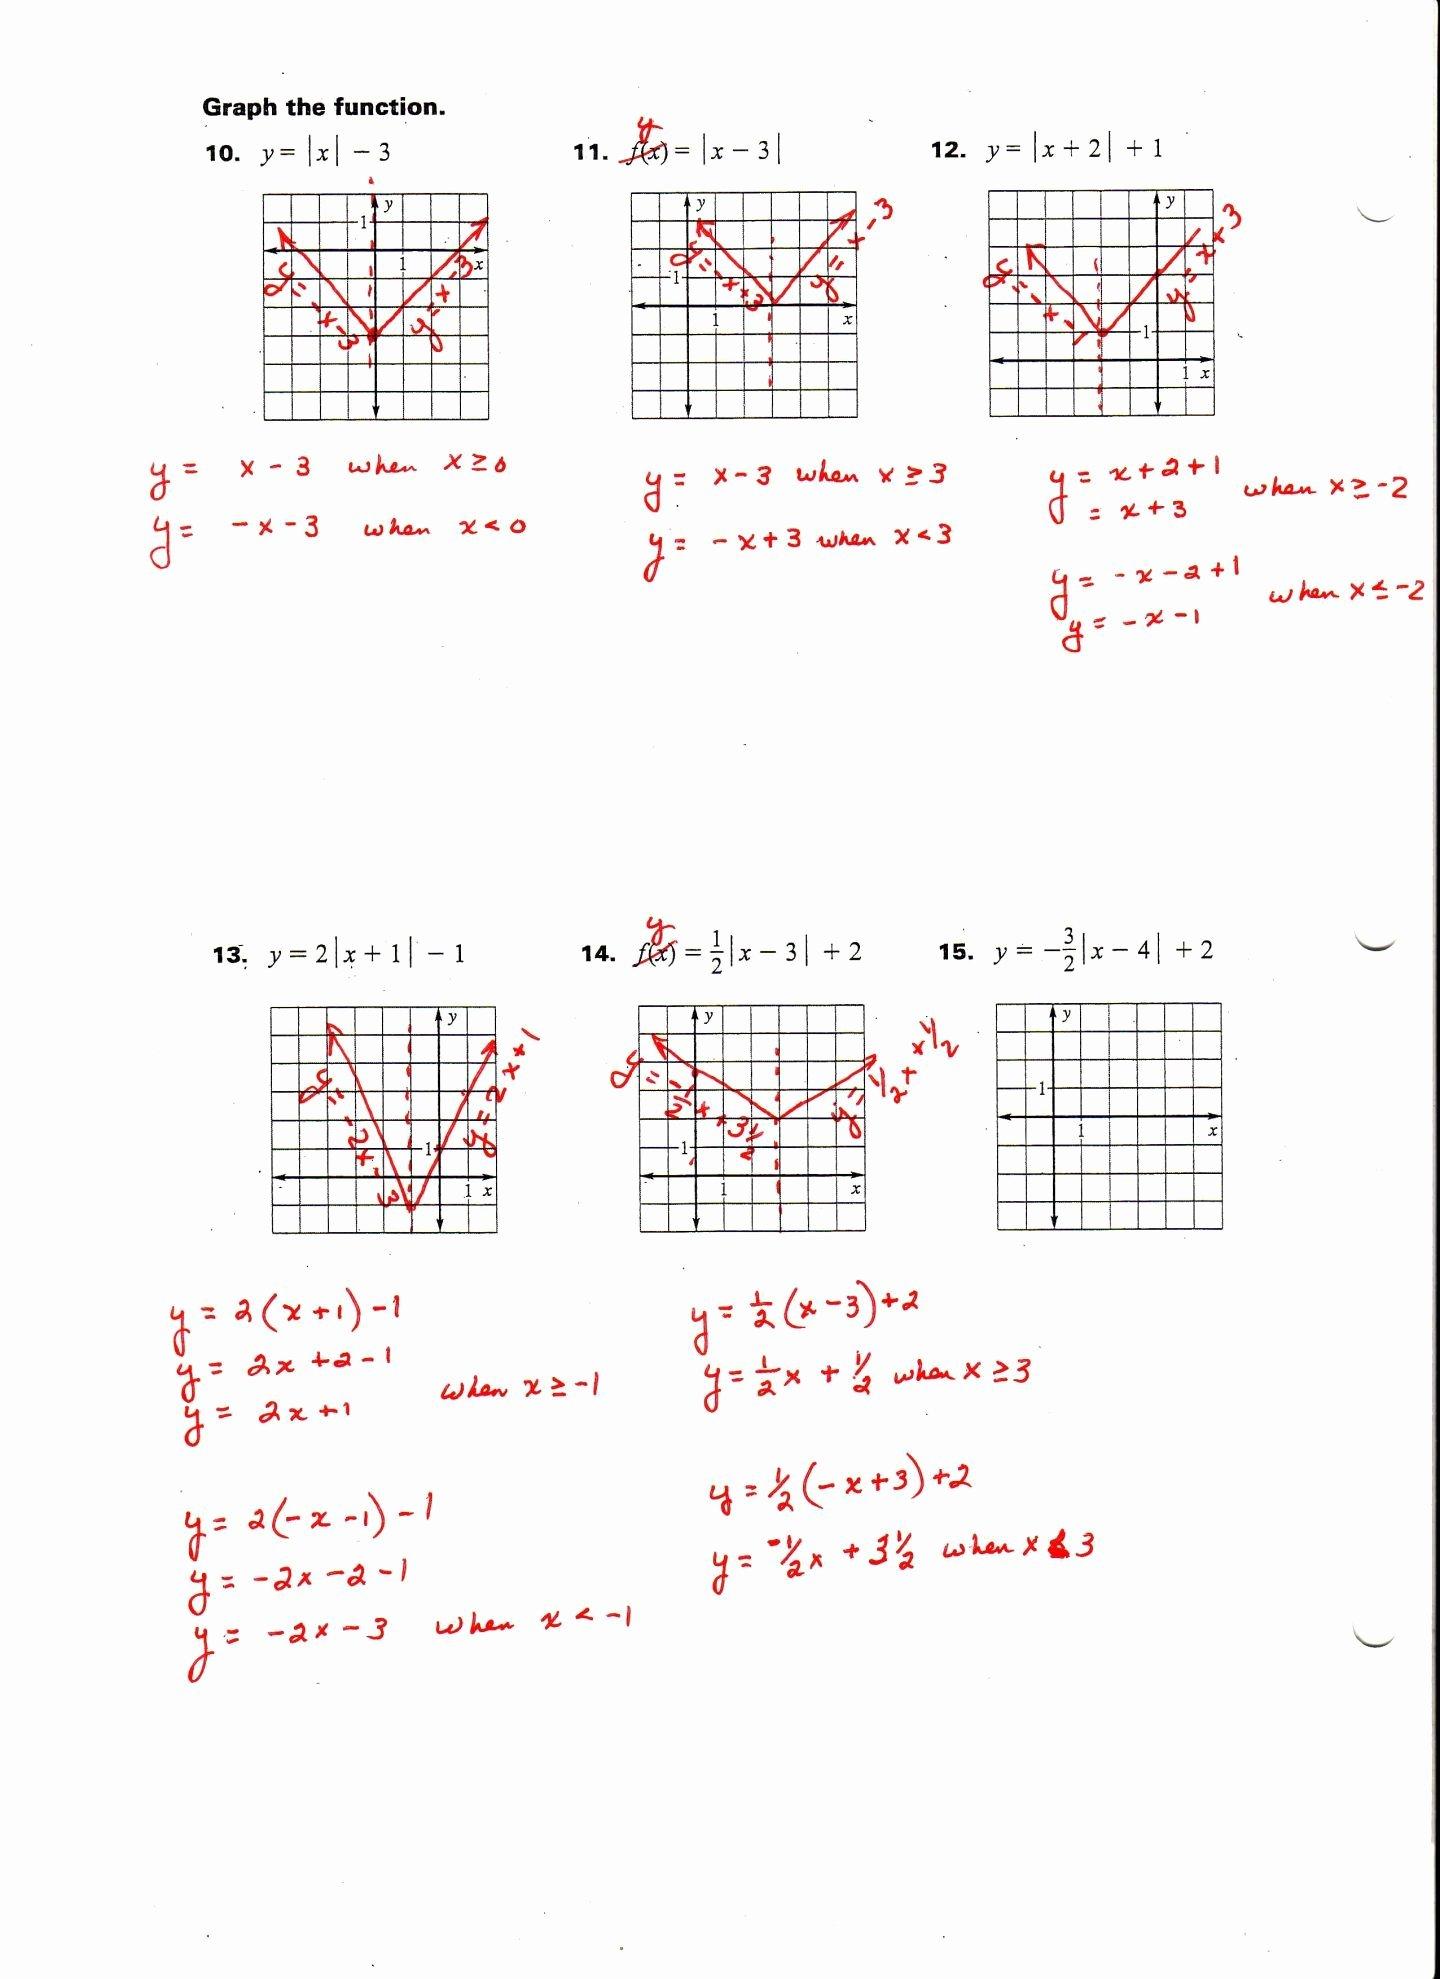 Graphing Absolute Value Inequalities Worksheet Fresh Absolute Value Inequalities Worksheet Answers Algebra 1